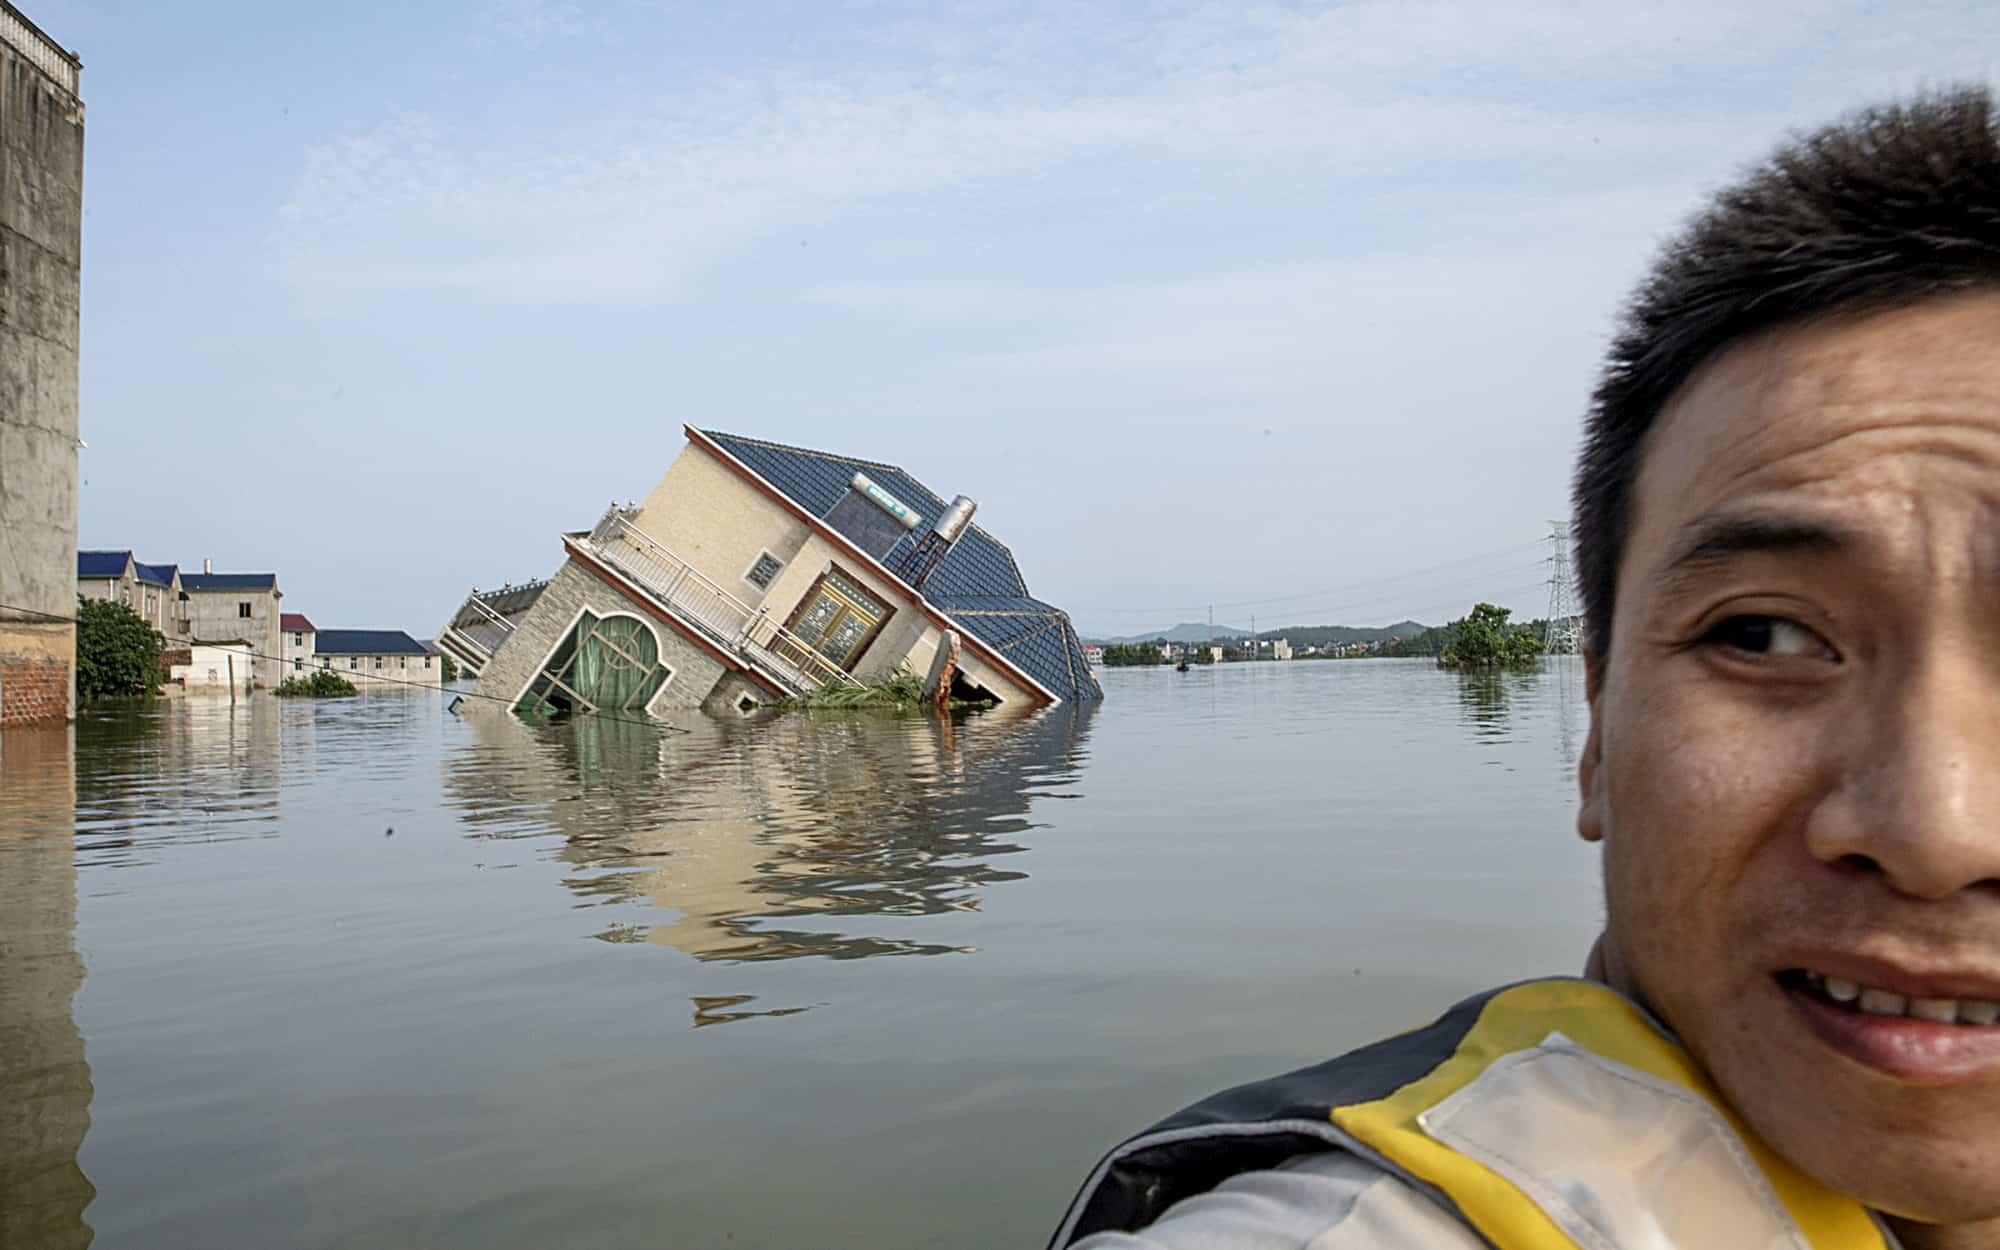 Nha May Thủy điện Tam Hiệp Chạy Hết Cong Suất Trong Lũ Lụt Lịch Sử